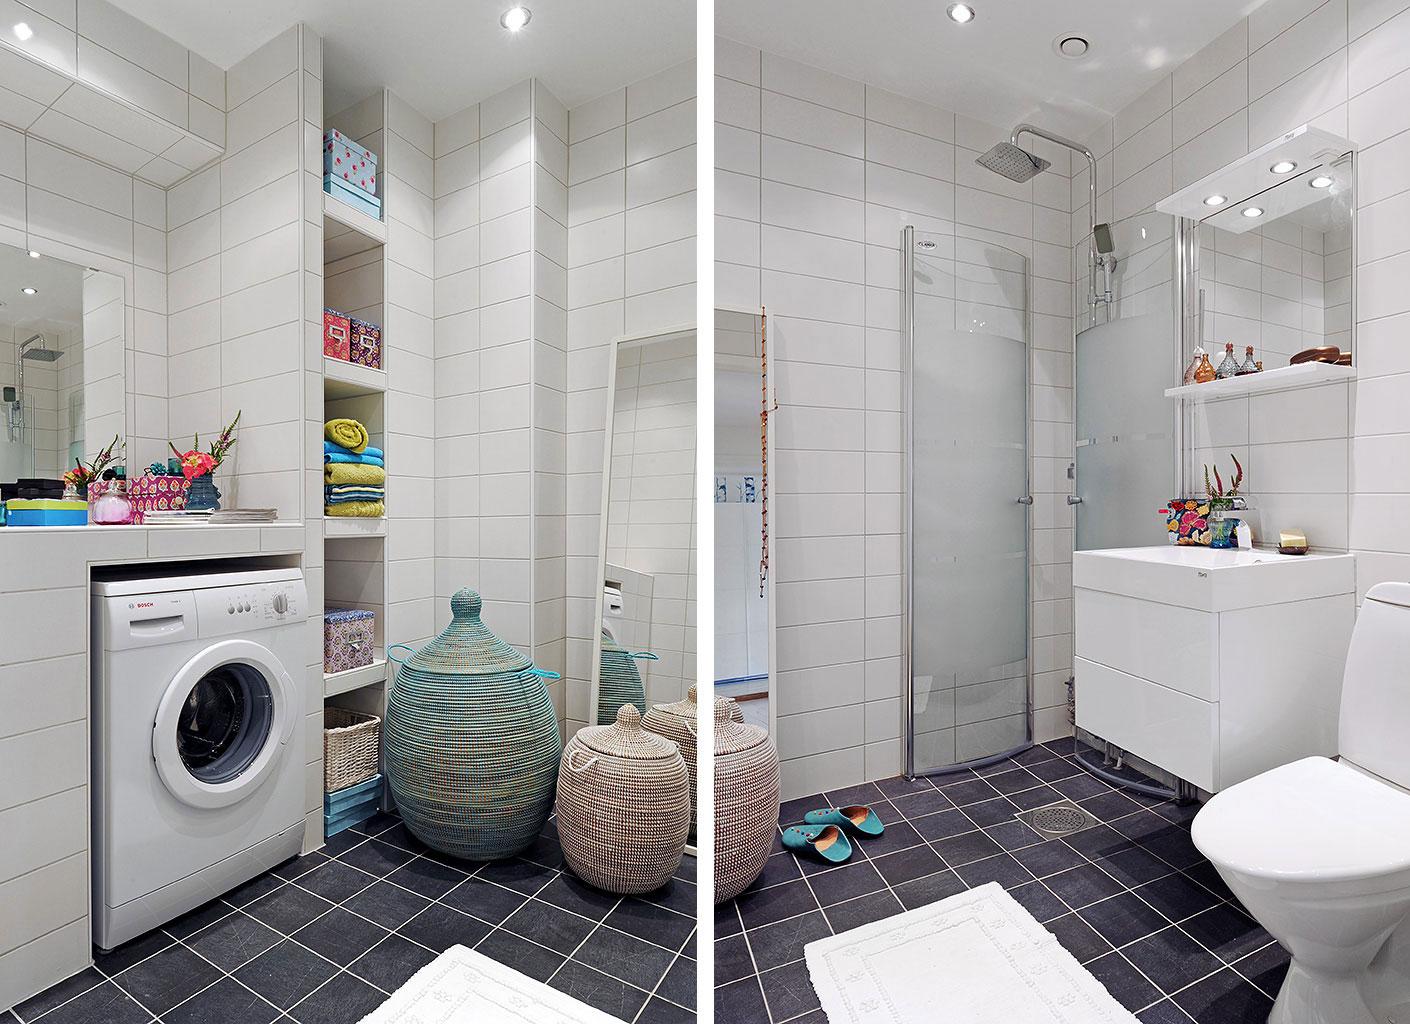 Дизайн ванной с туалетом и стиральной машиной